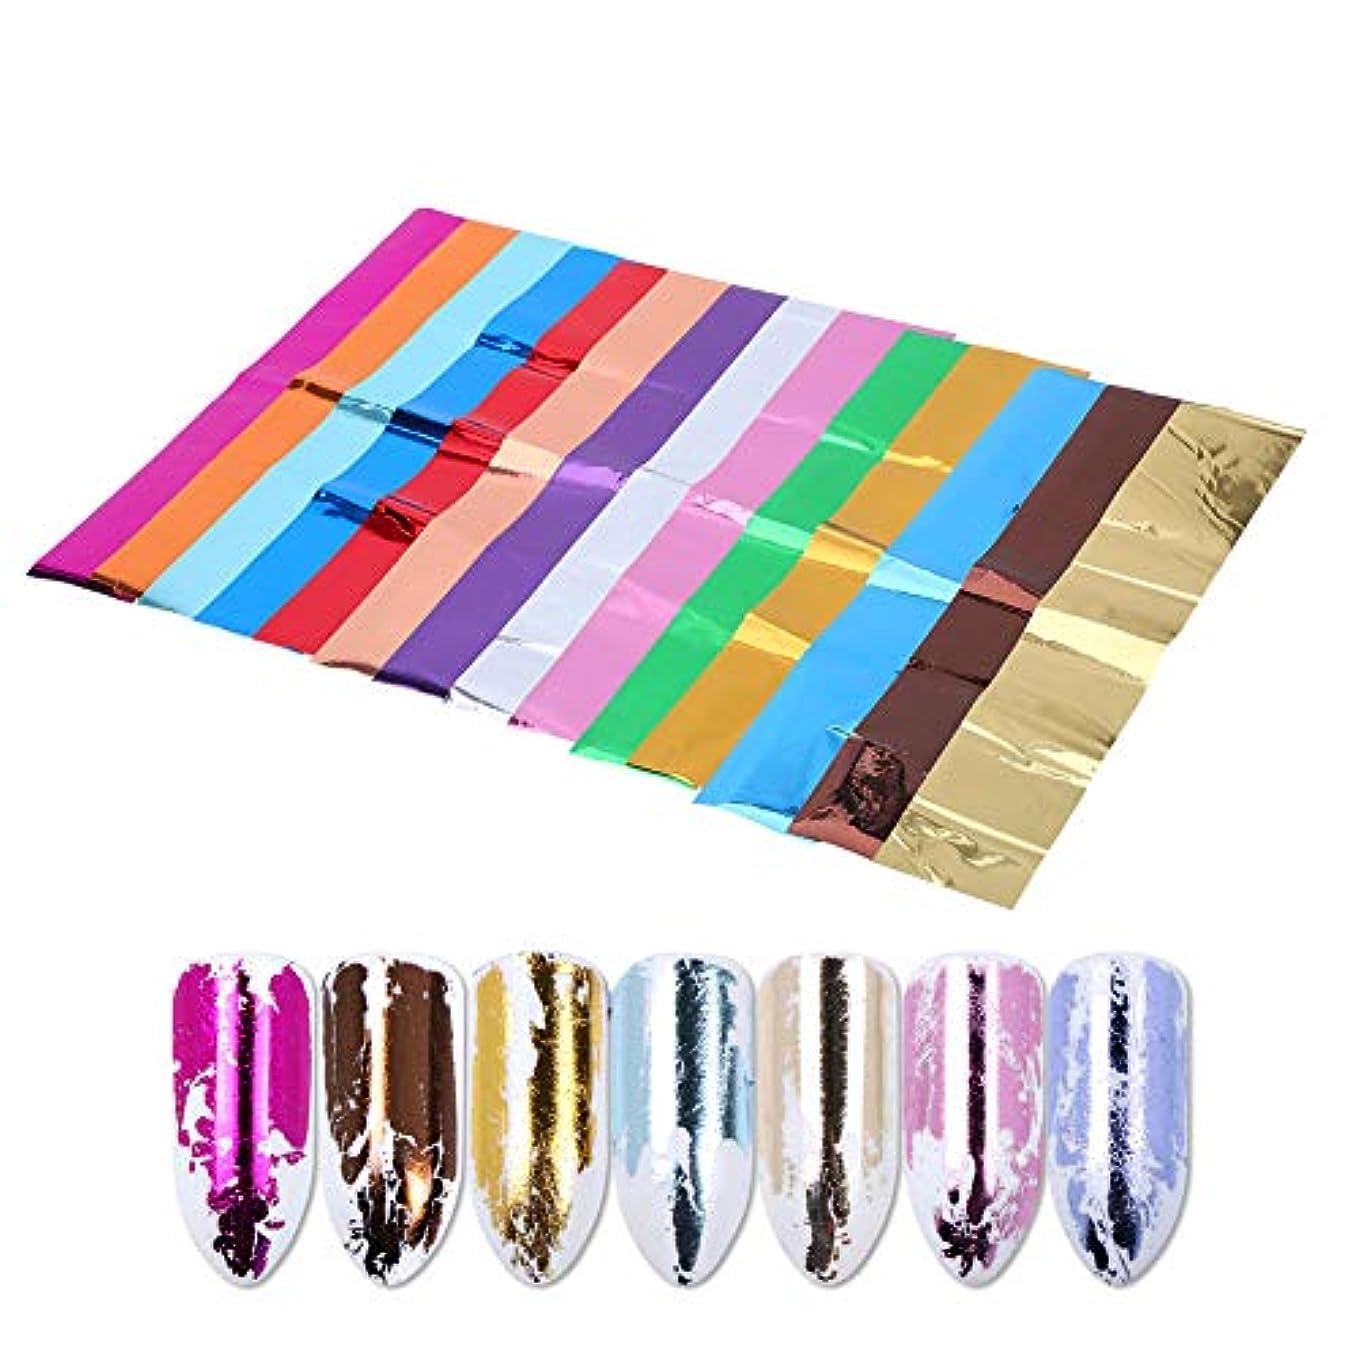 秋クラウドあごソリッドカラーのネイルアップリケ、偽ネイル用の光沢のある装飾的なステッカーの14個/セット